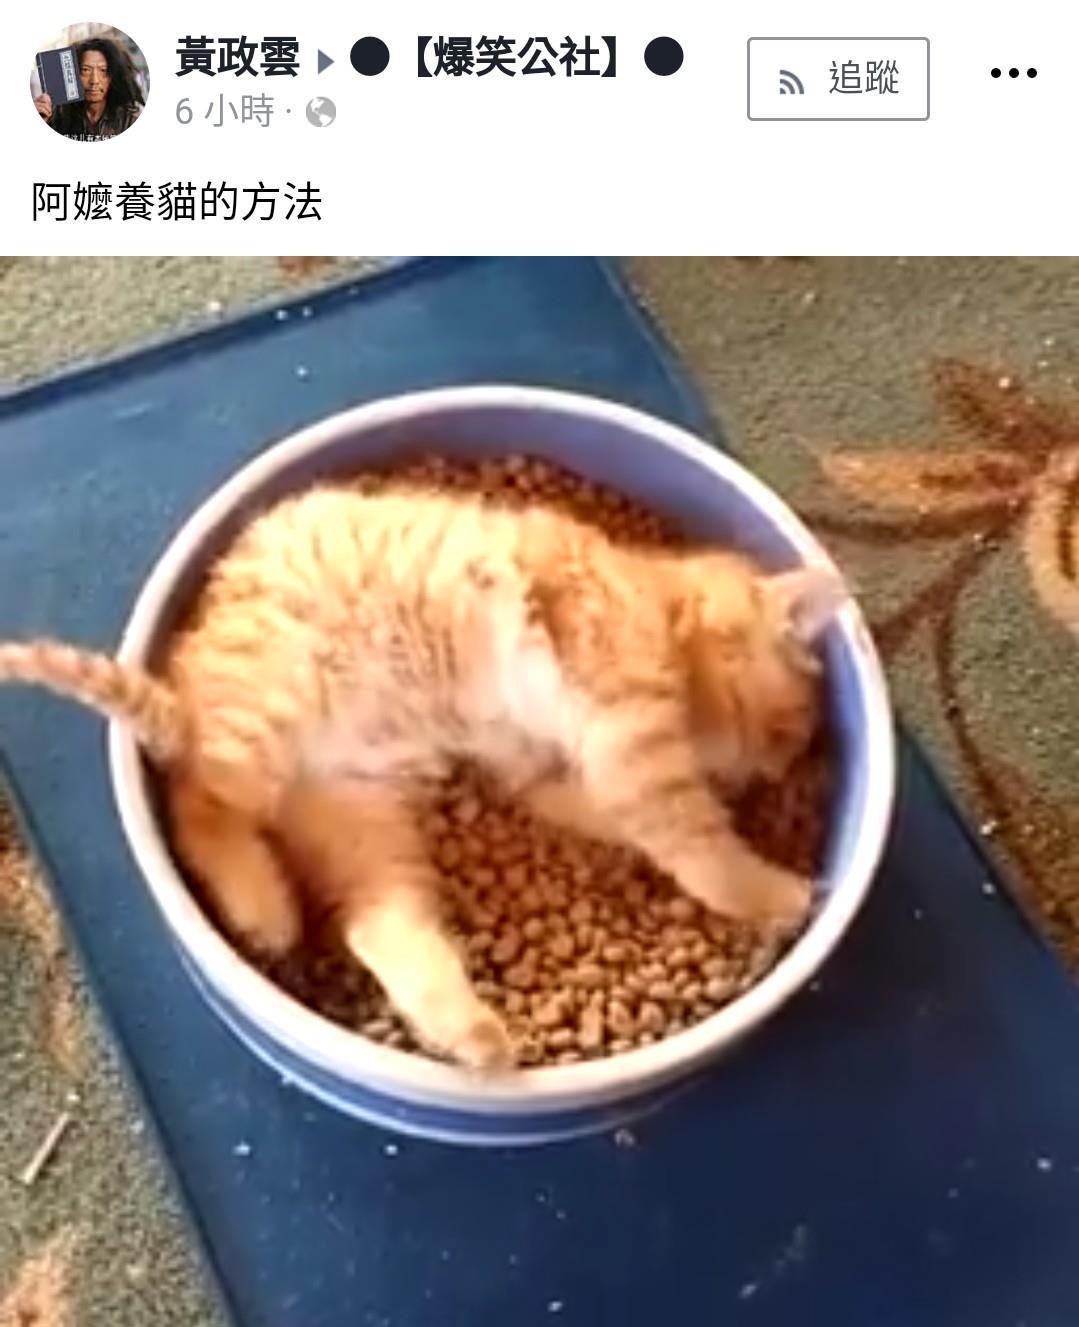 影/阿嬤是這樣養!小橘貓「爽躺飼料碗」 迷幻旋轉:啟動本王暴肥狀態